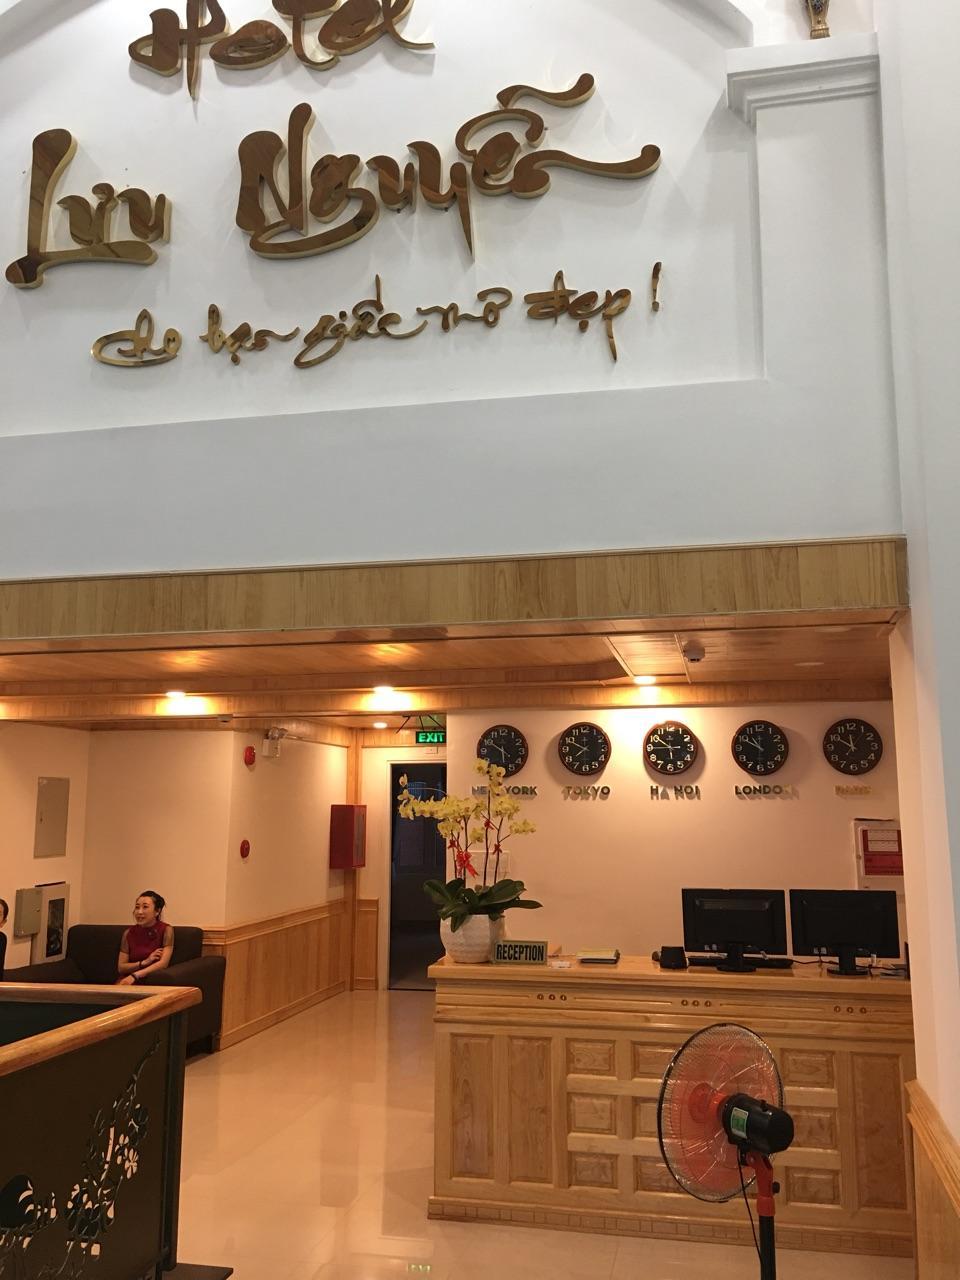 Luu Nguyen Hotel